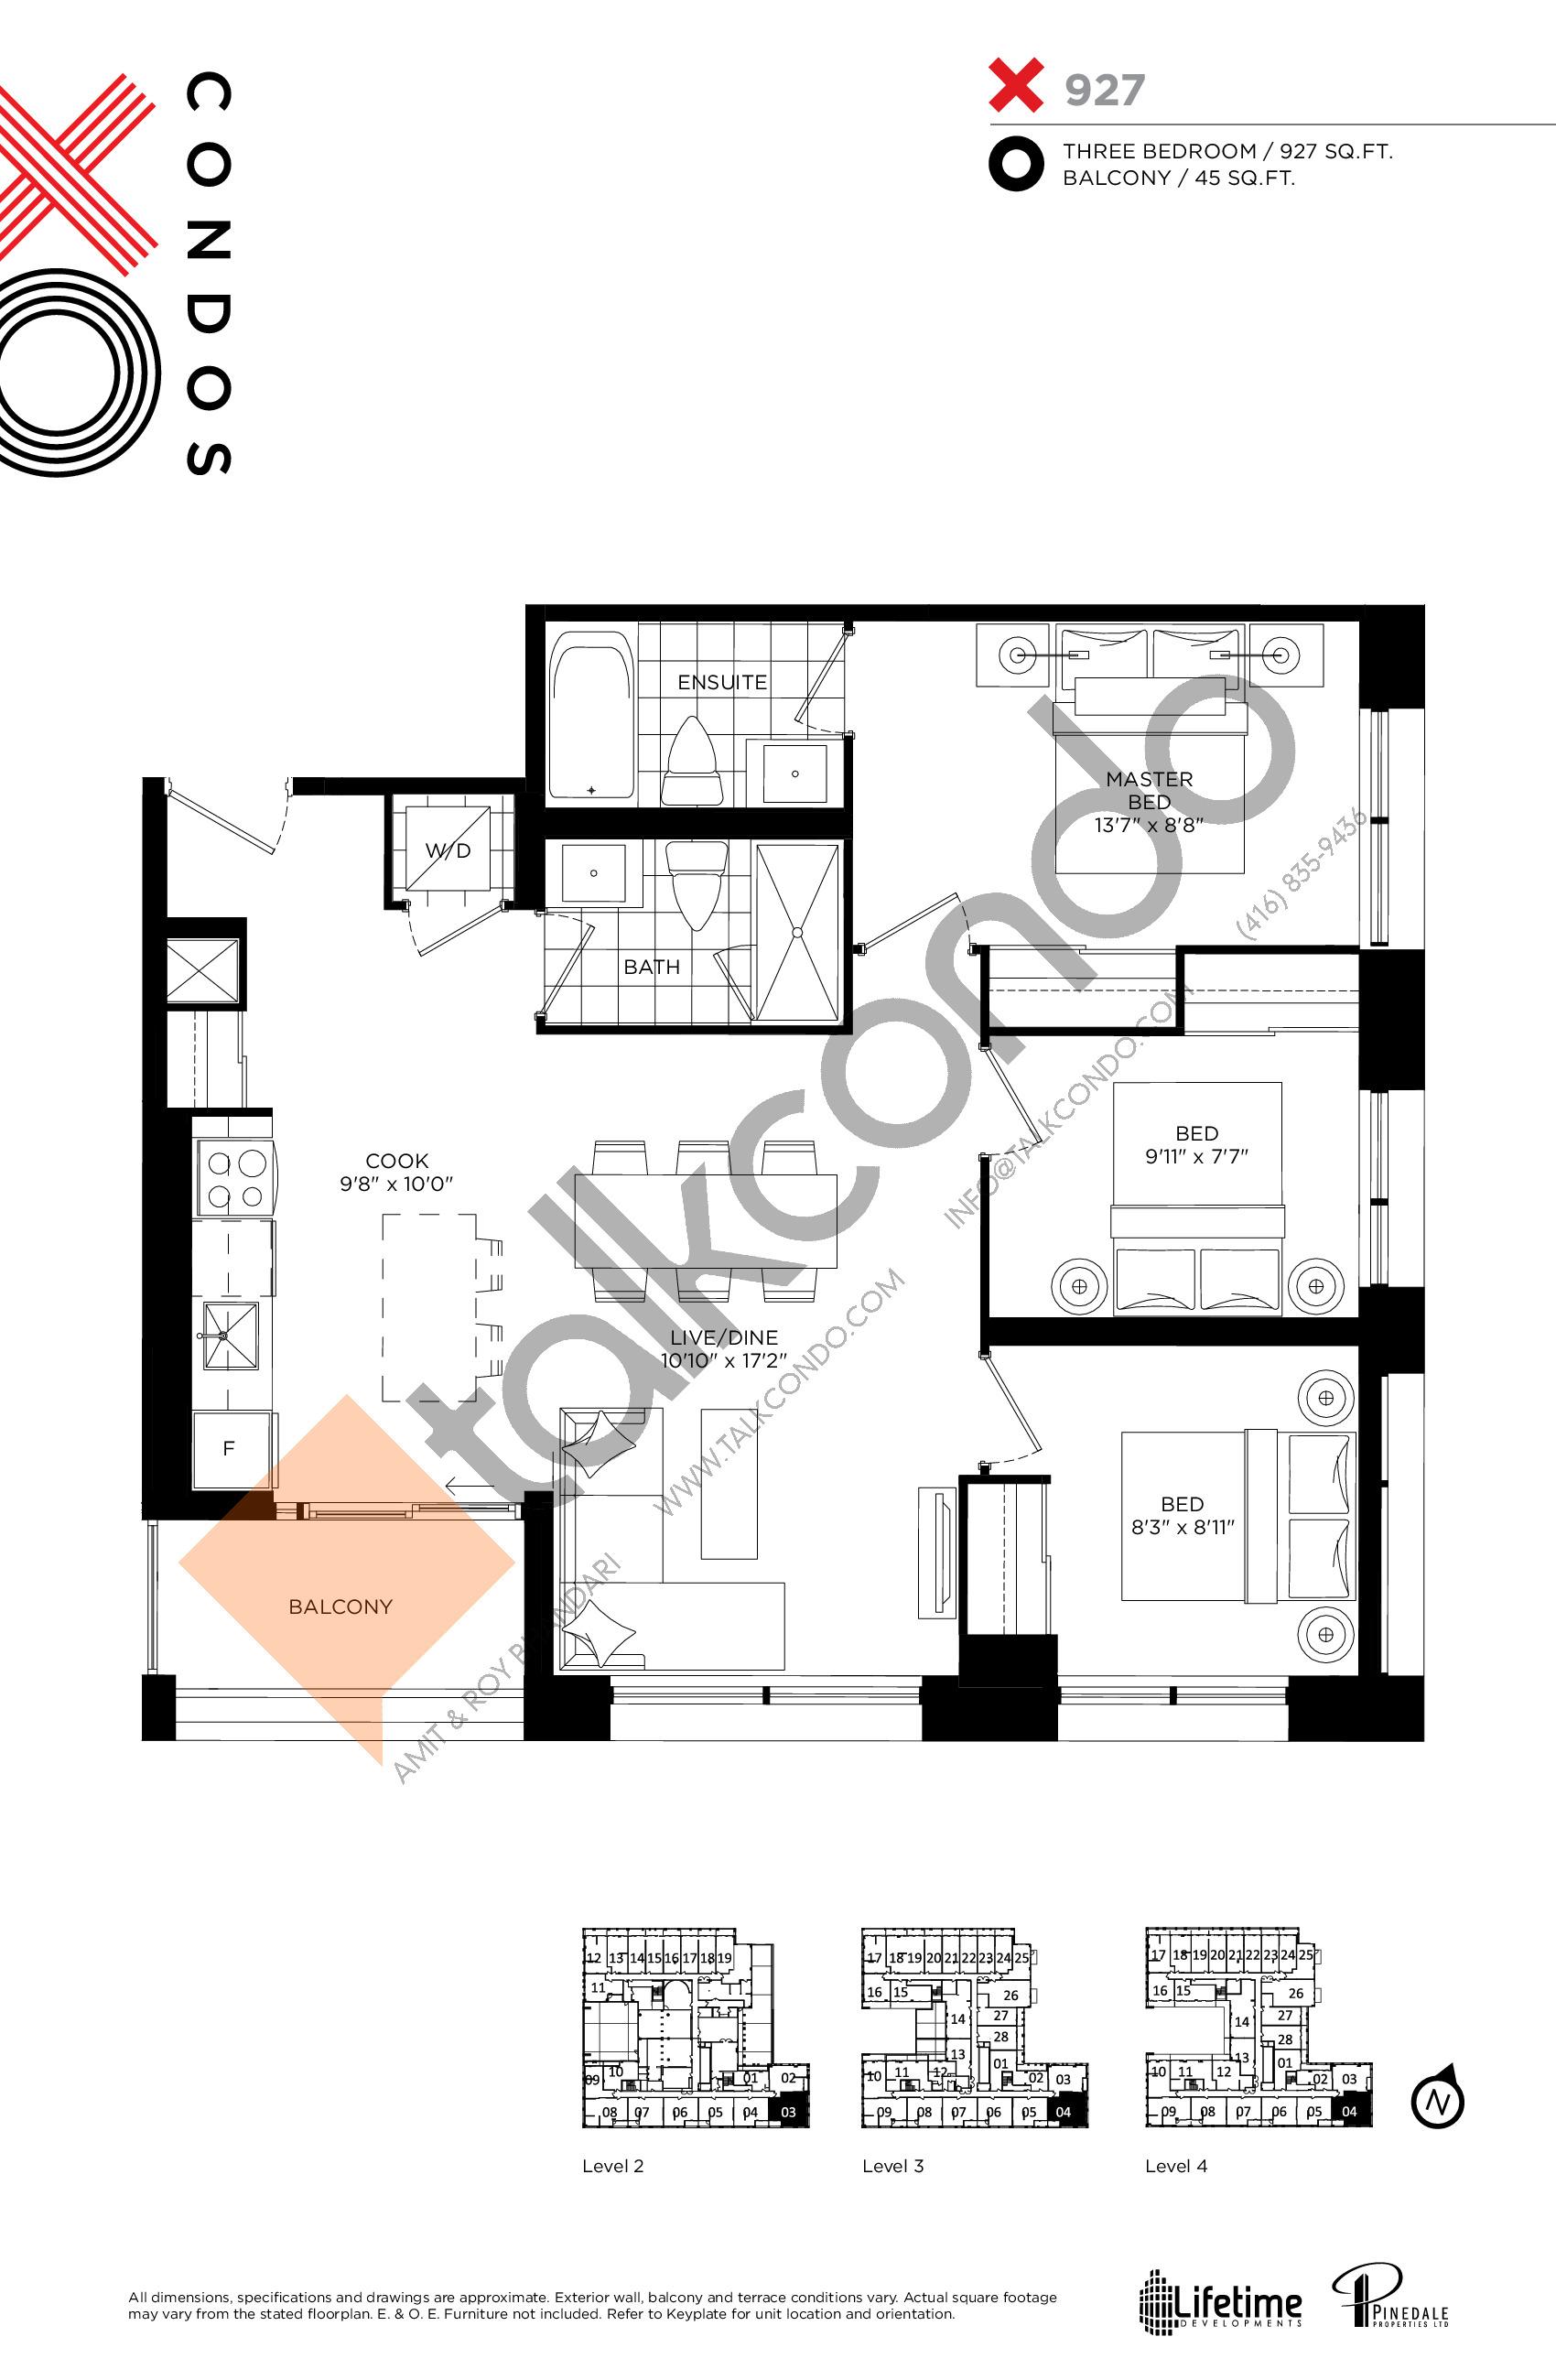 X927 Floor Plan at XO Condos - 927 sq.ft